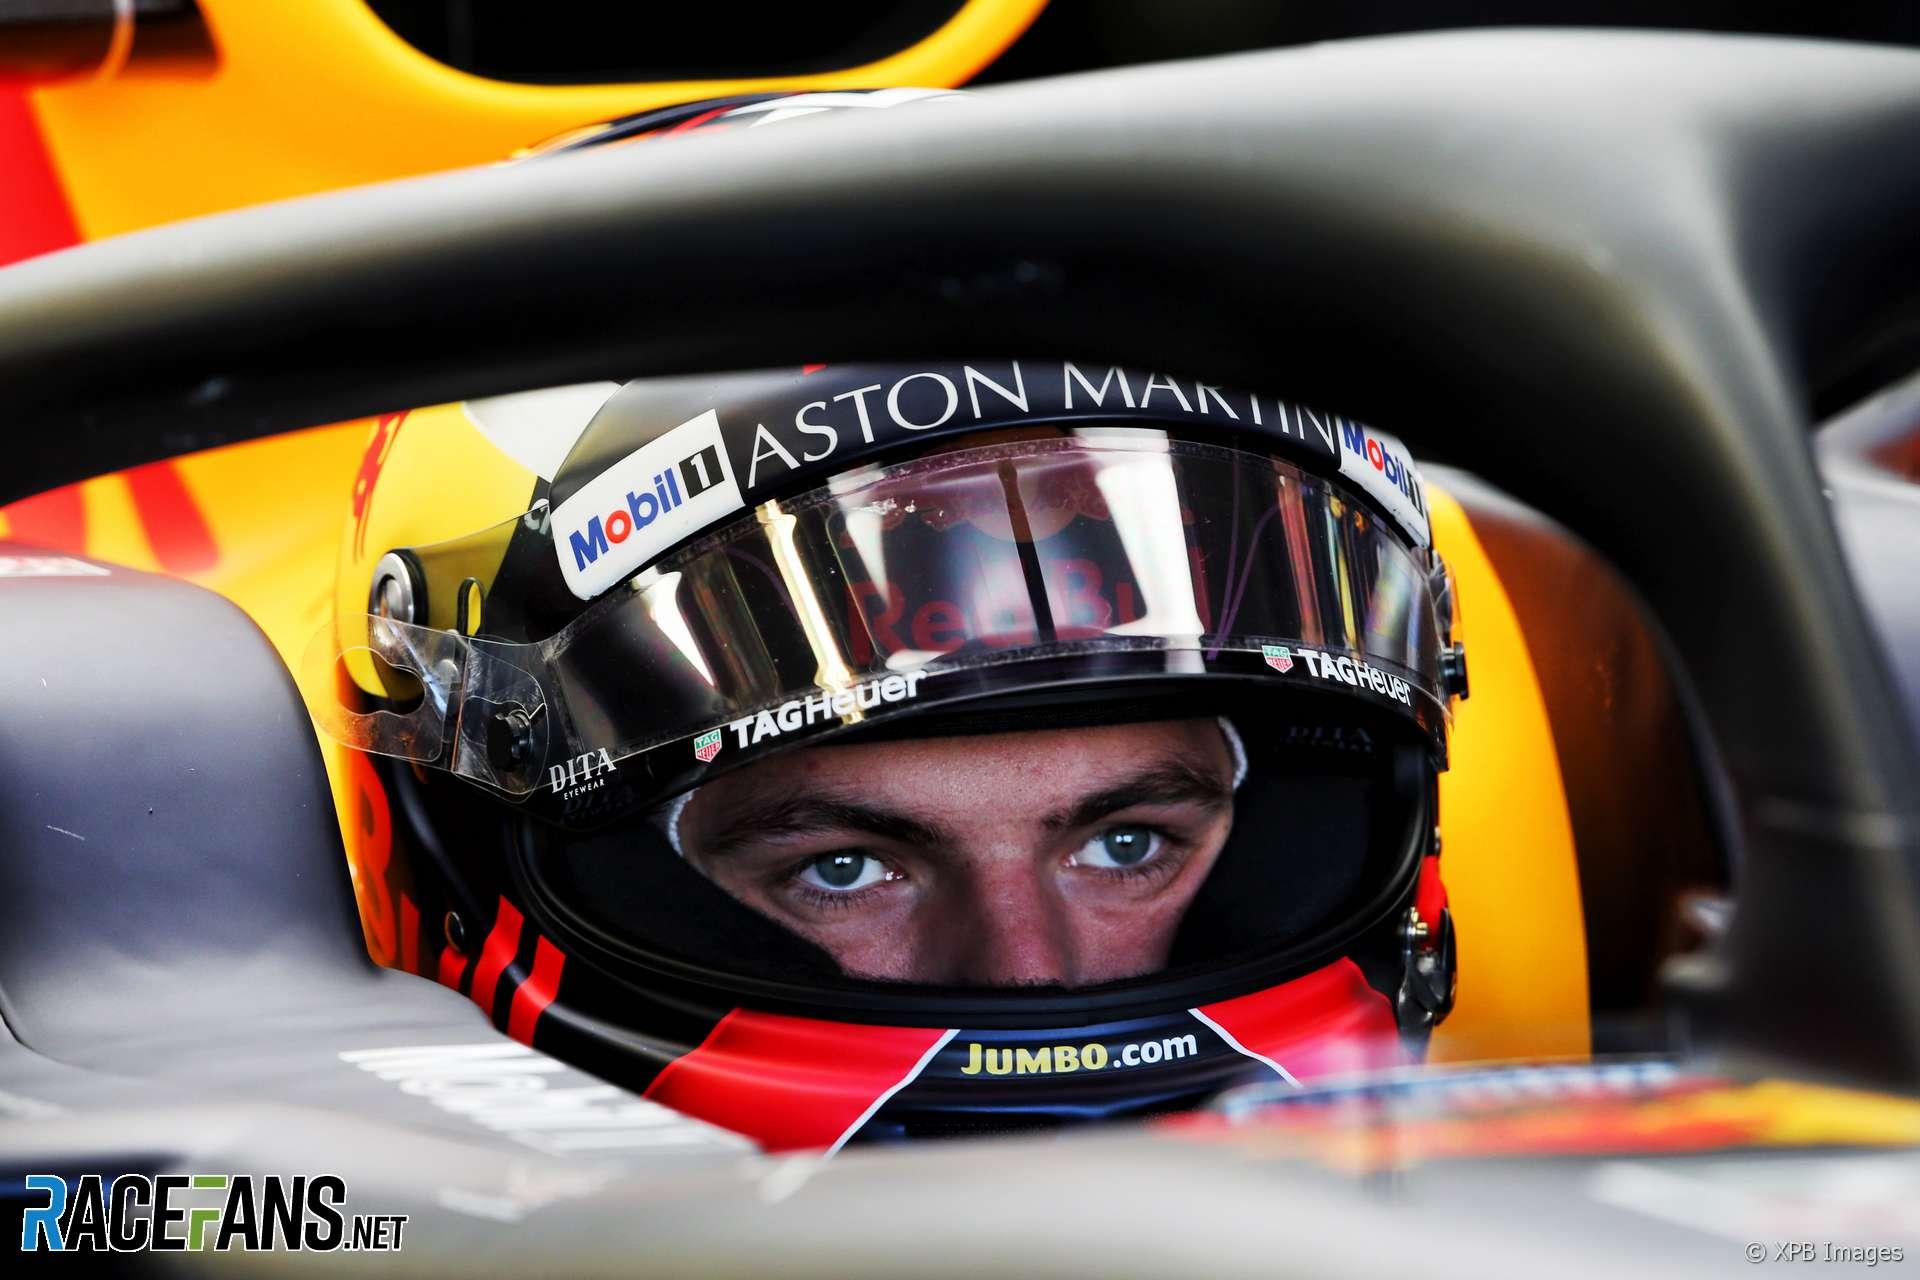 Max Verstappen, Red Bull, Circuit Gilles Villeneuve, 2018